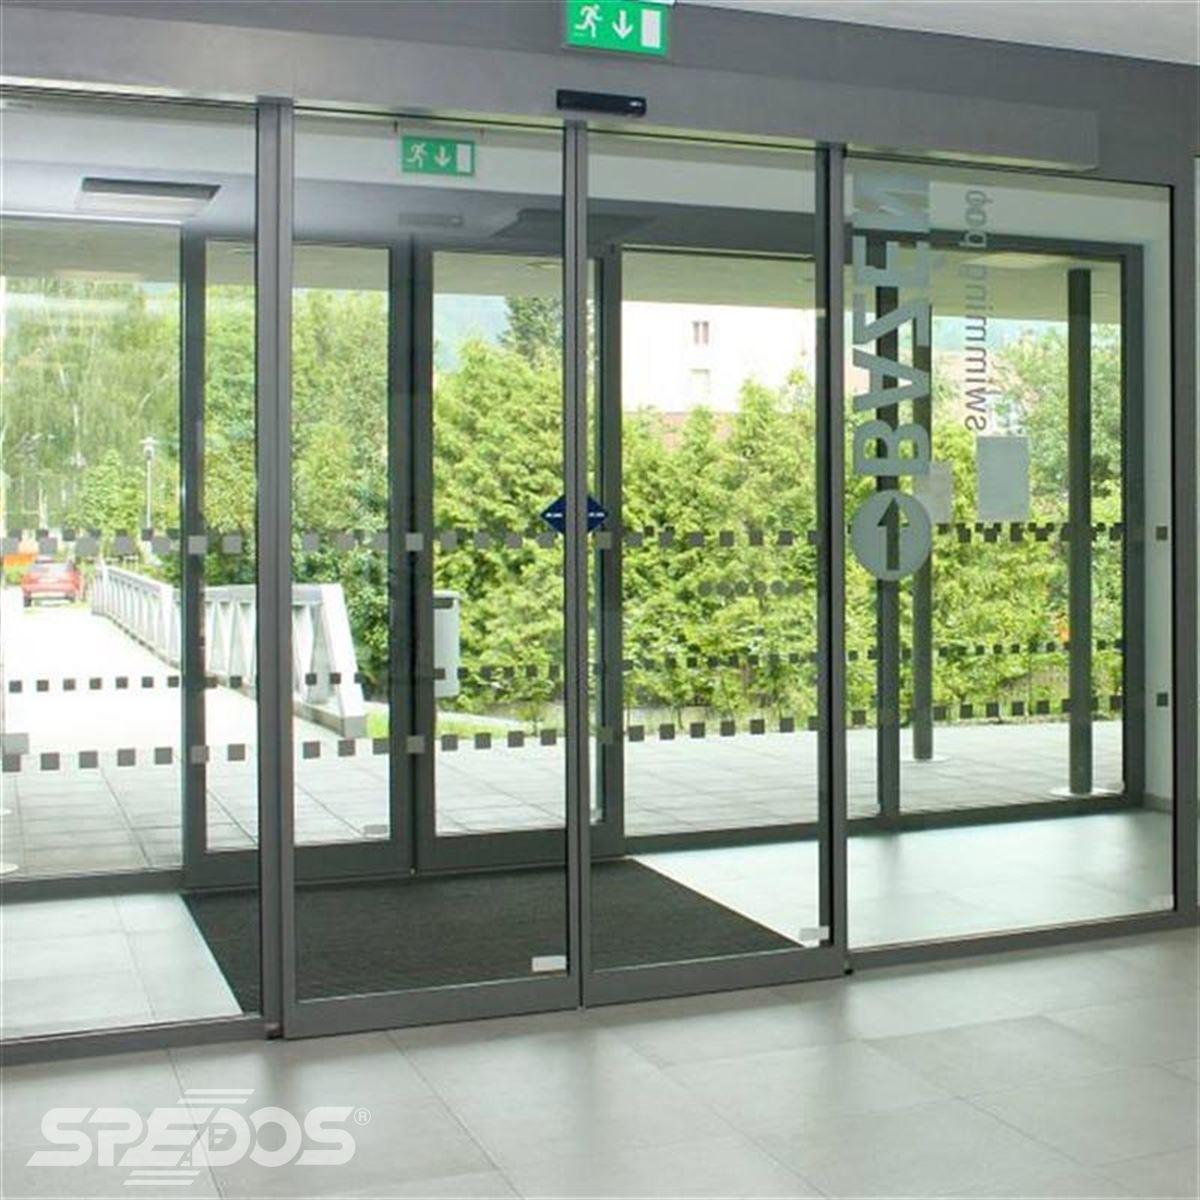 prosklená stěna s automatickými dveřmi Spedos